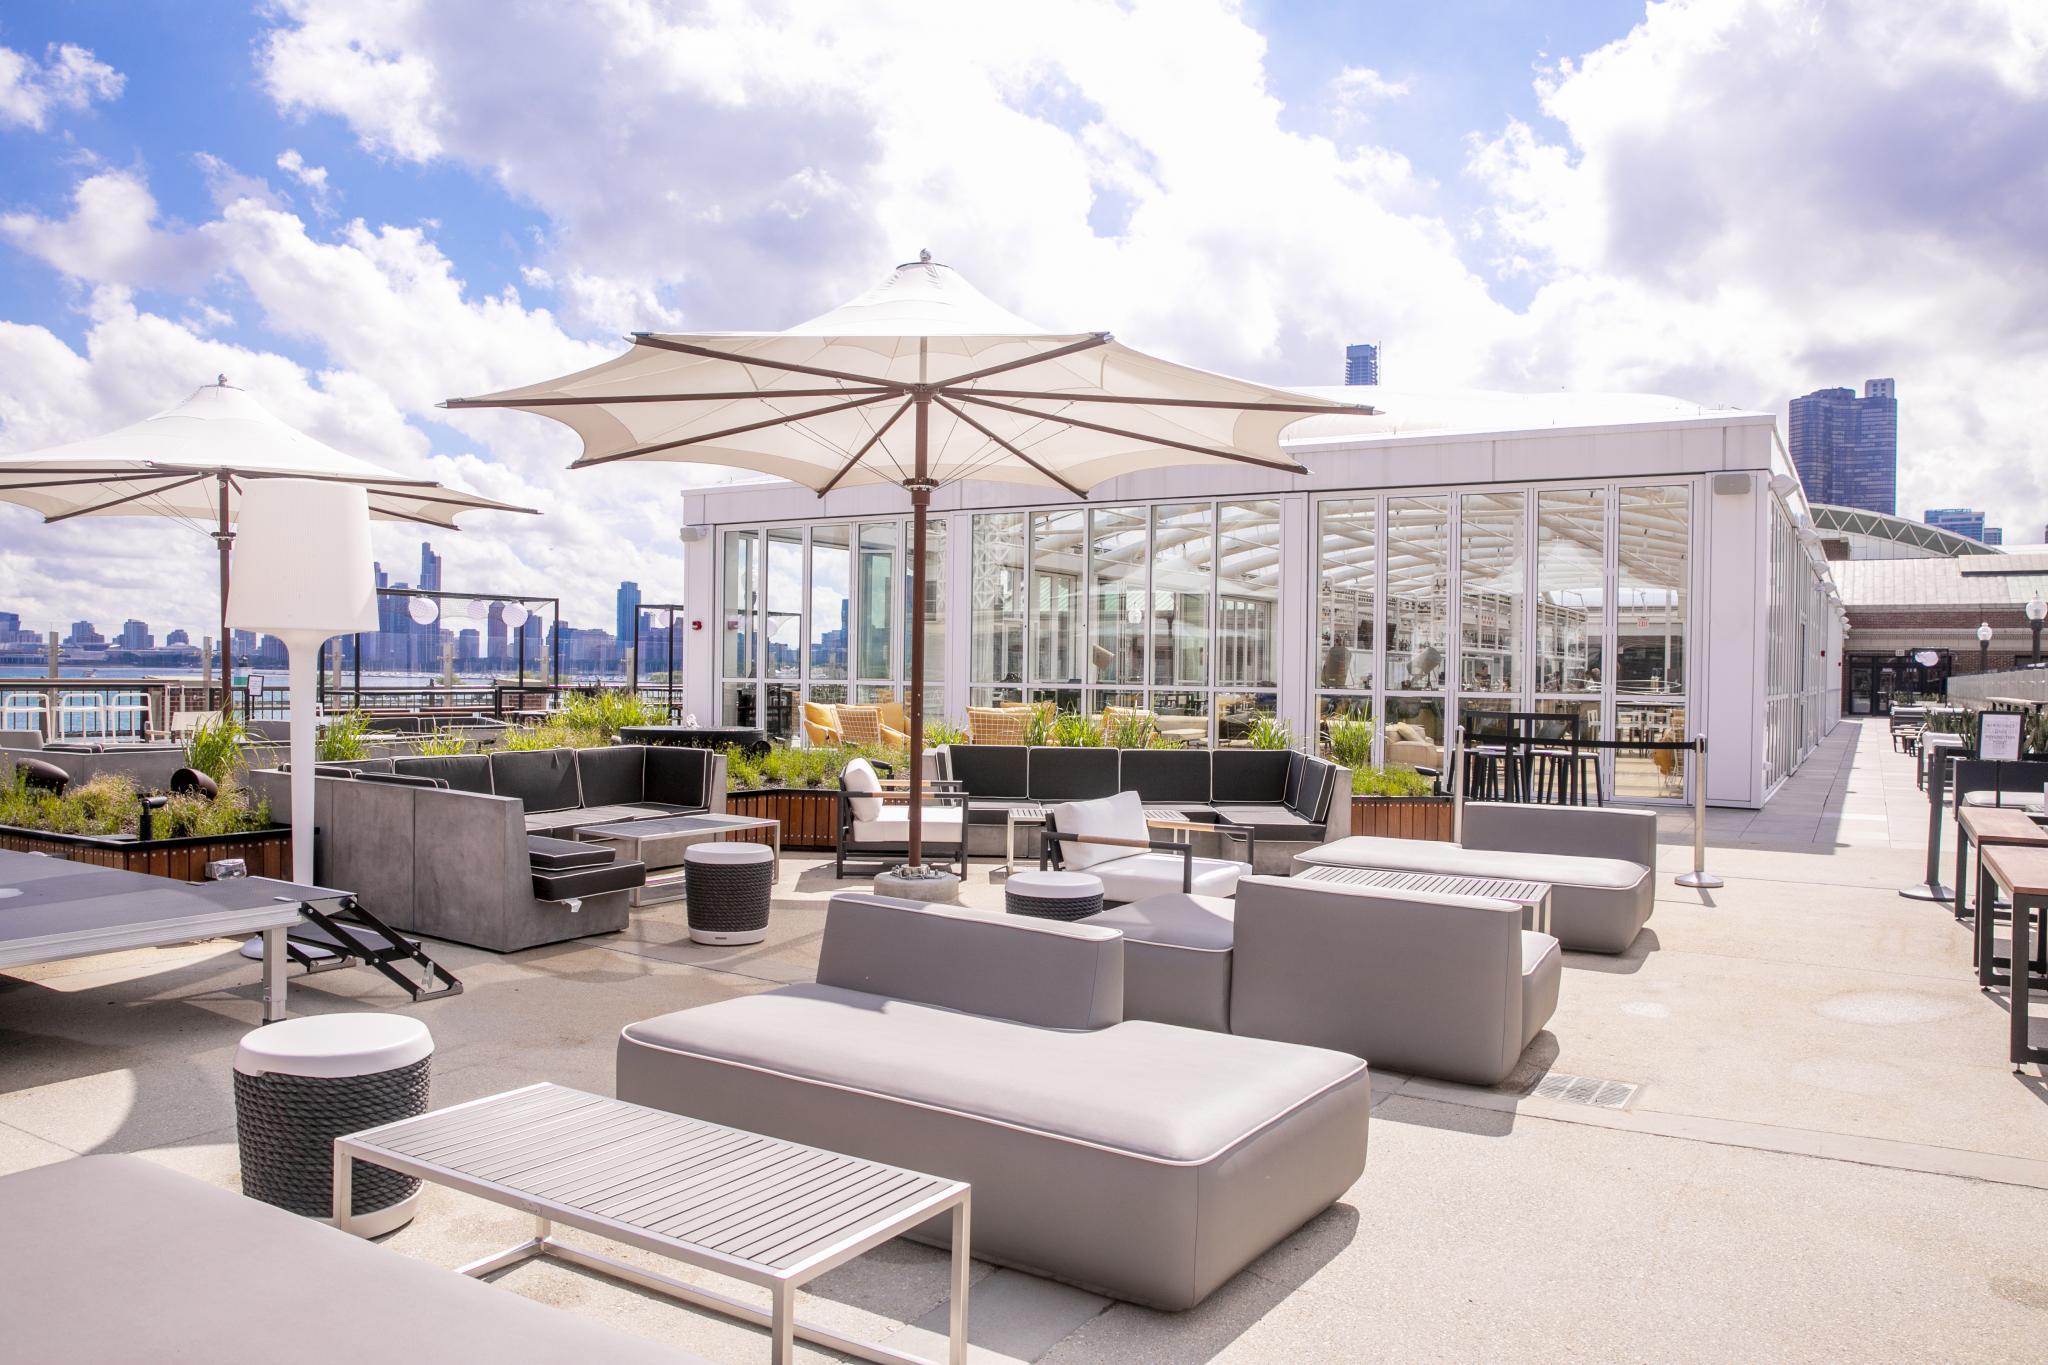 outdoor rooftop patio